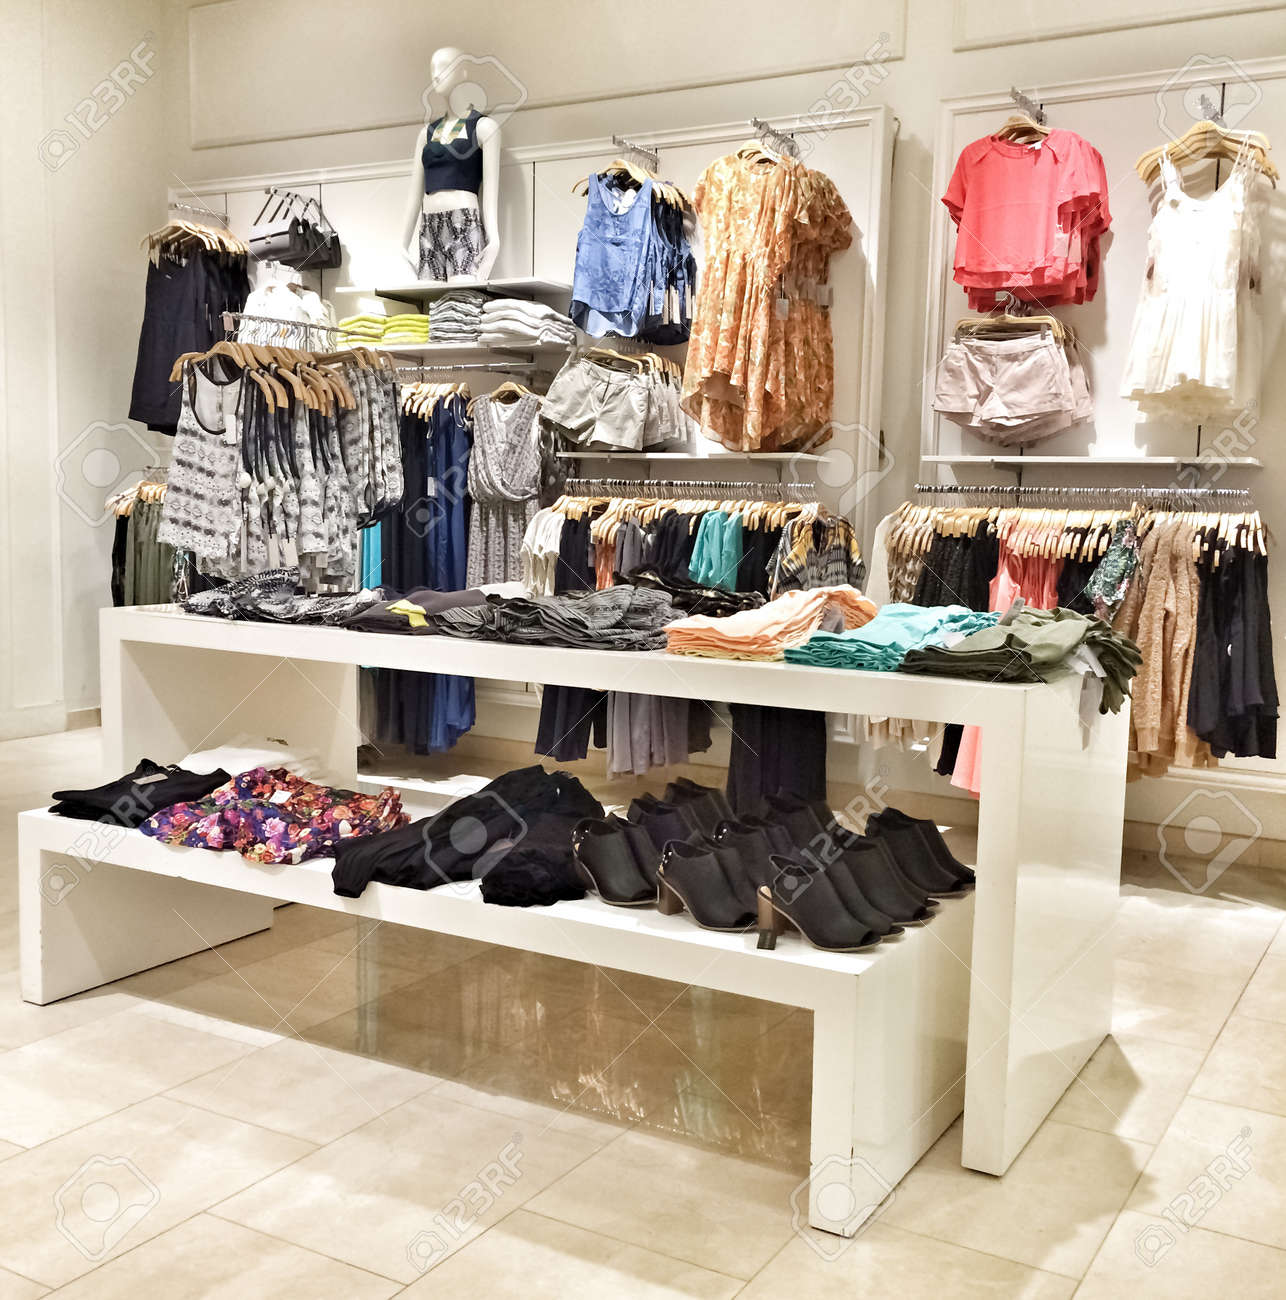 Clothes - kidsclotheszone.com - Part 353